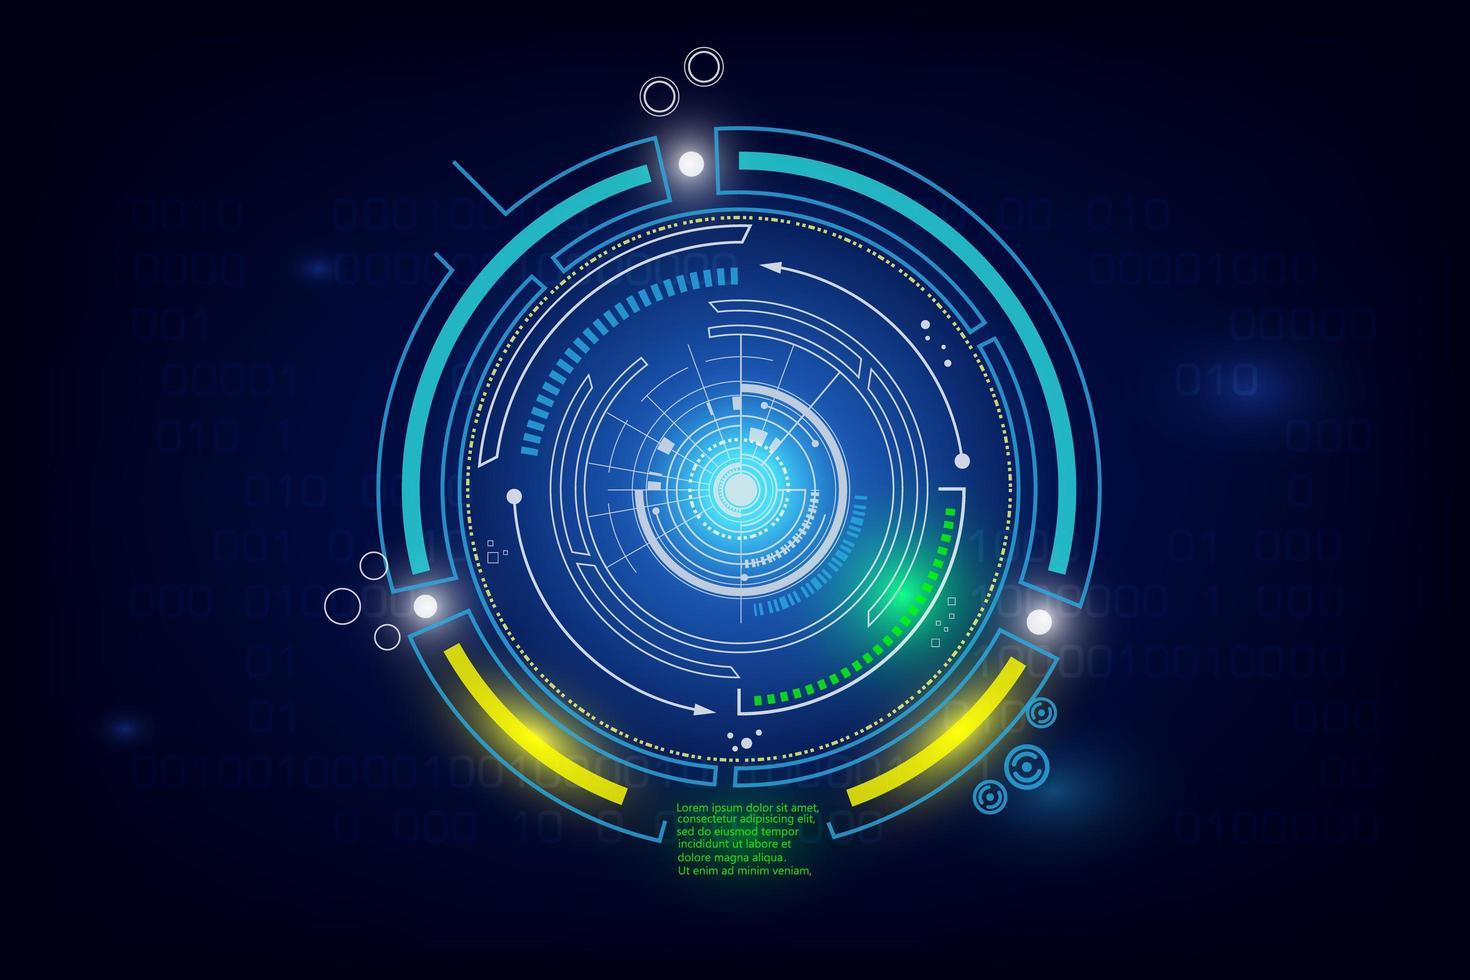 diseño de elemento de ciencia ficción circular brillante vector